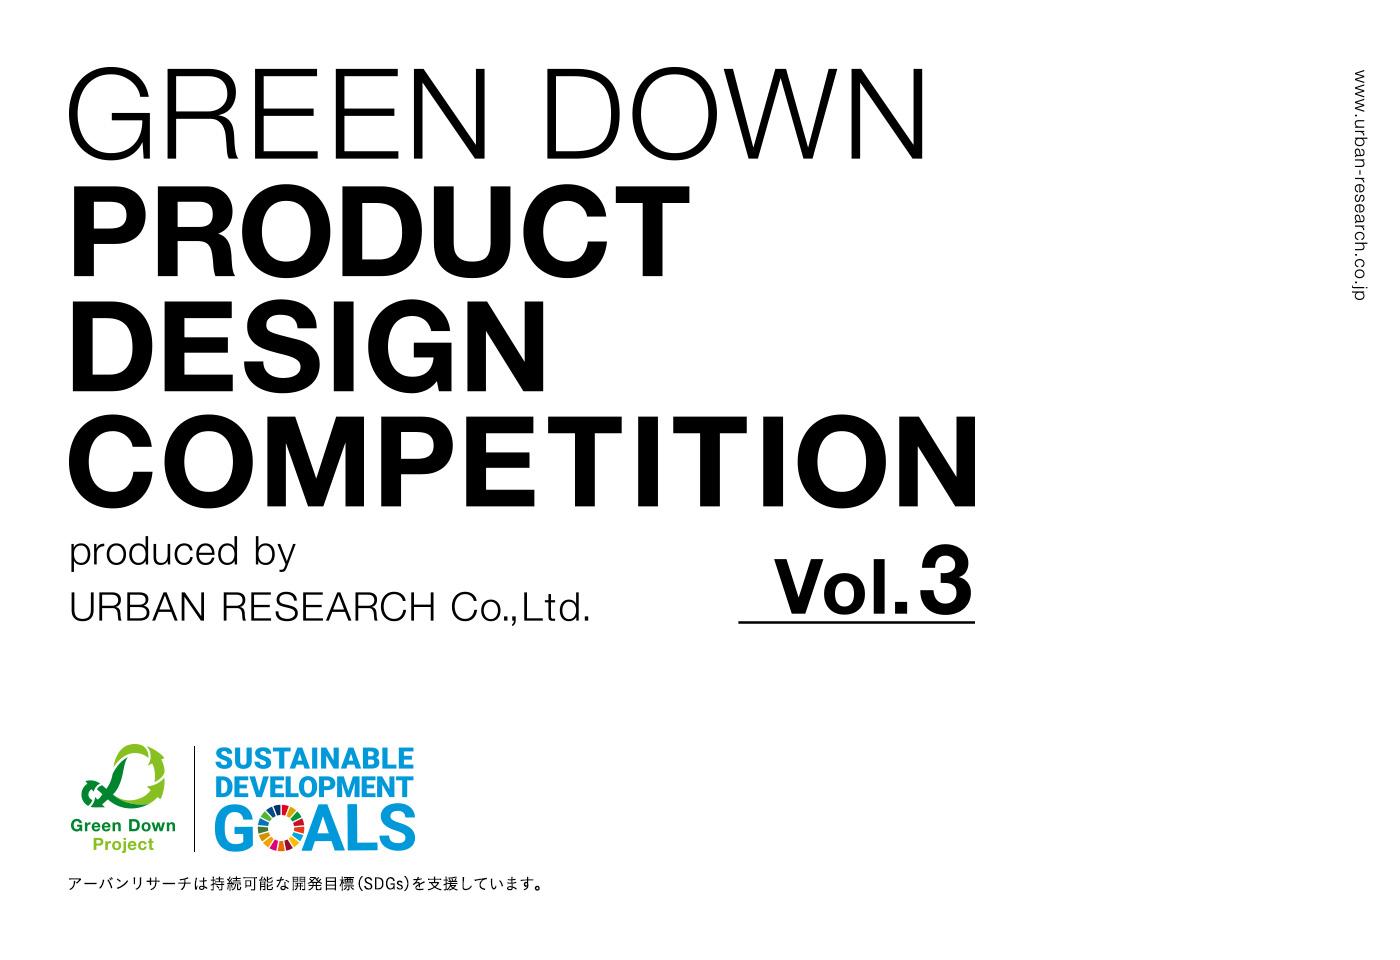 第三回GREEN DOWN PRODUCT DESIGN COMPETITION 受賞作品発表